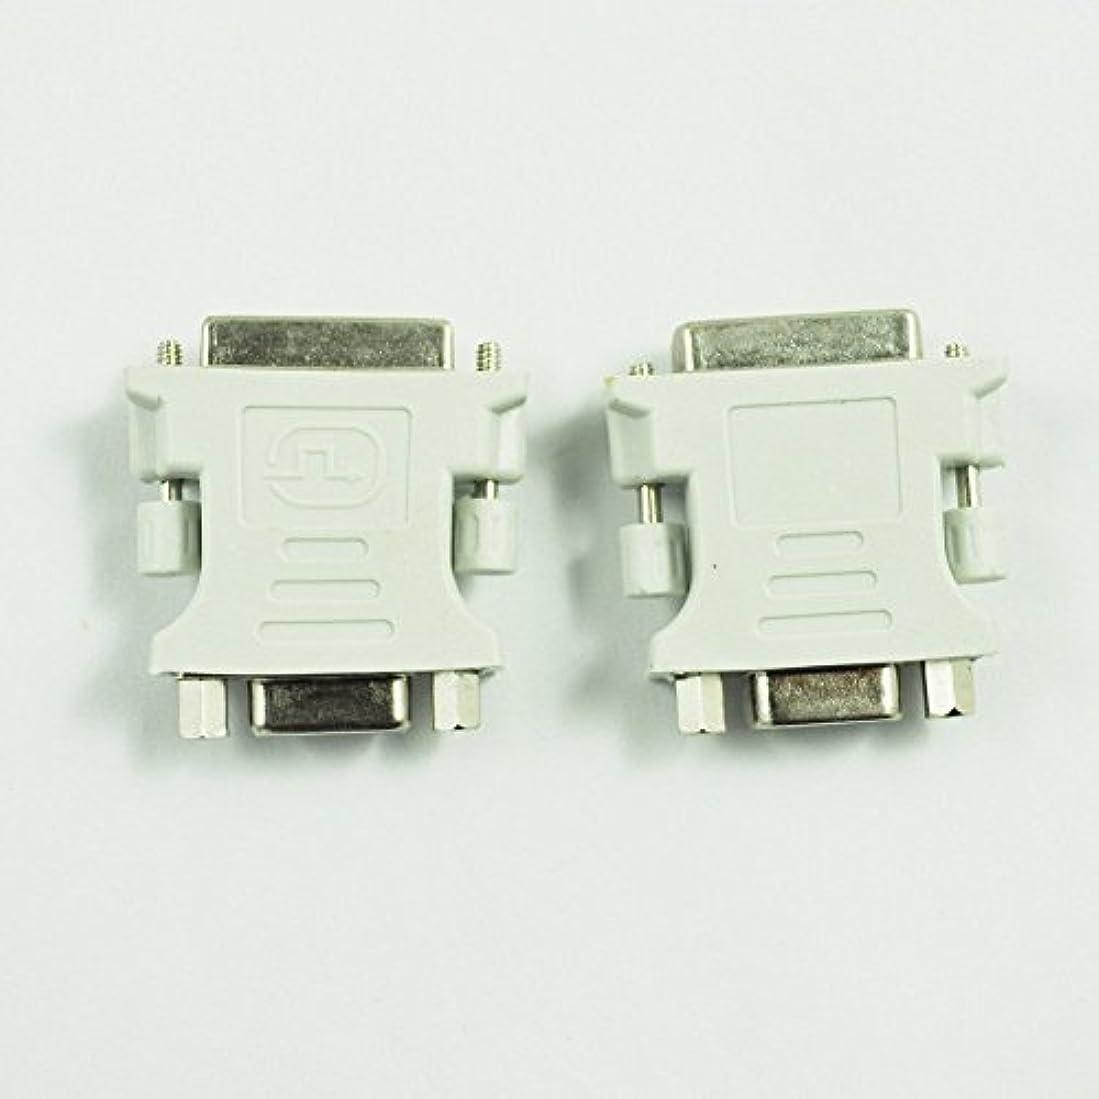 コストコテージびっくりしたWOWQ ® オスDVI-DへメスVGAアダプタ(DVI24+1ピン)